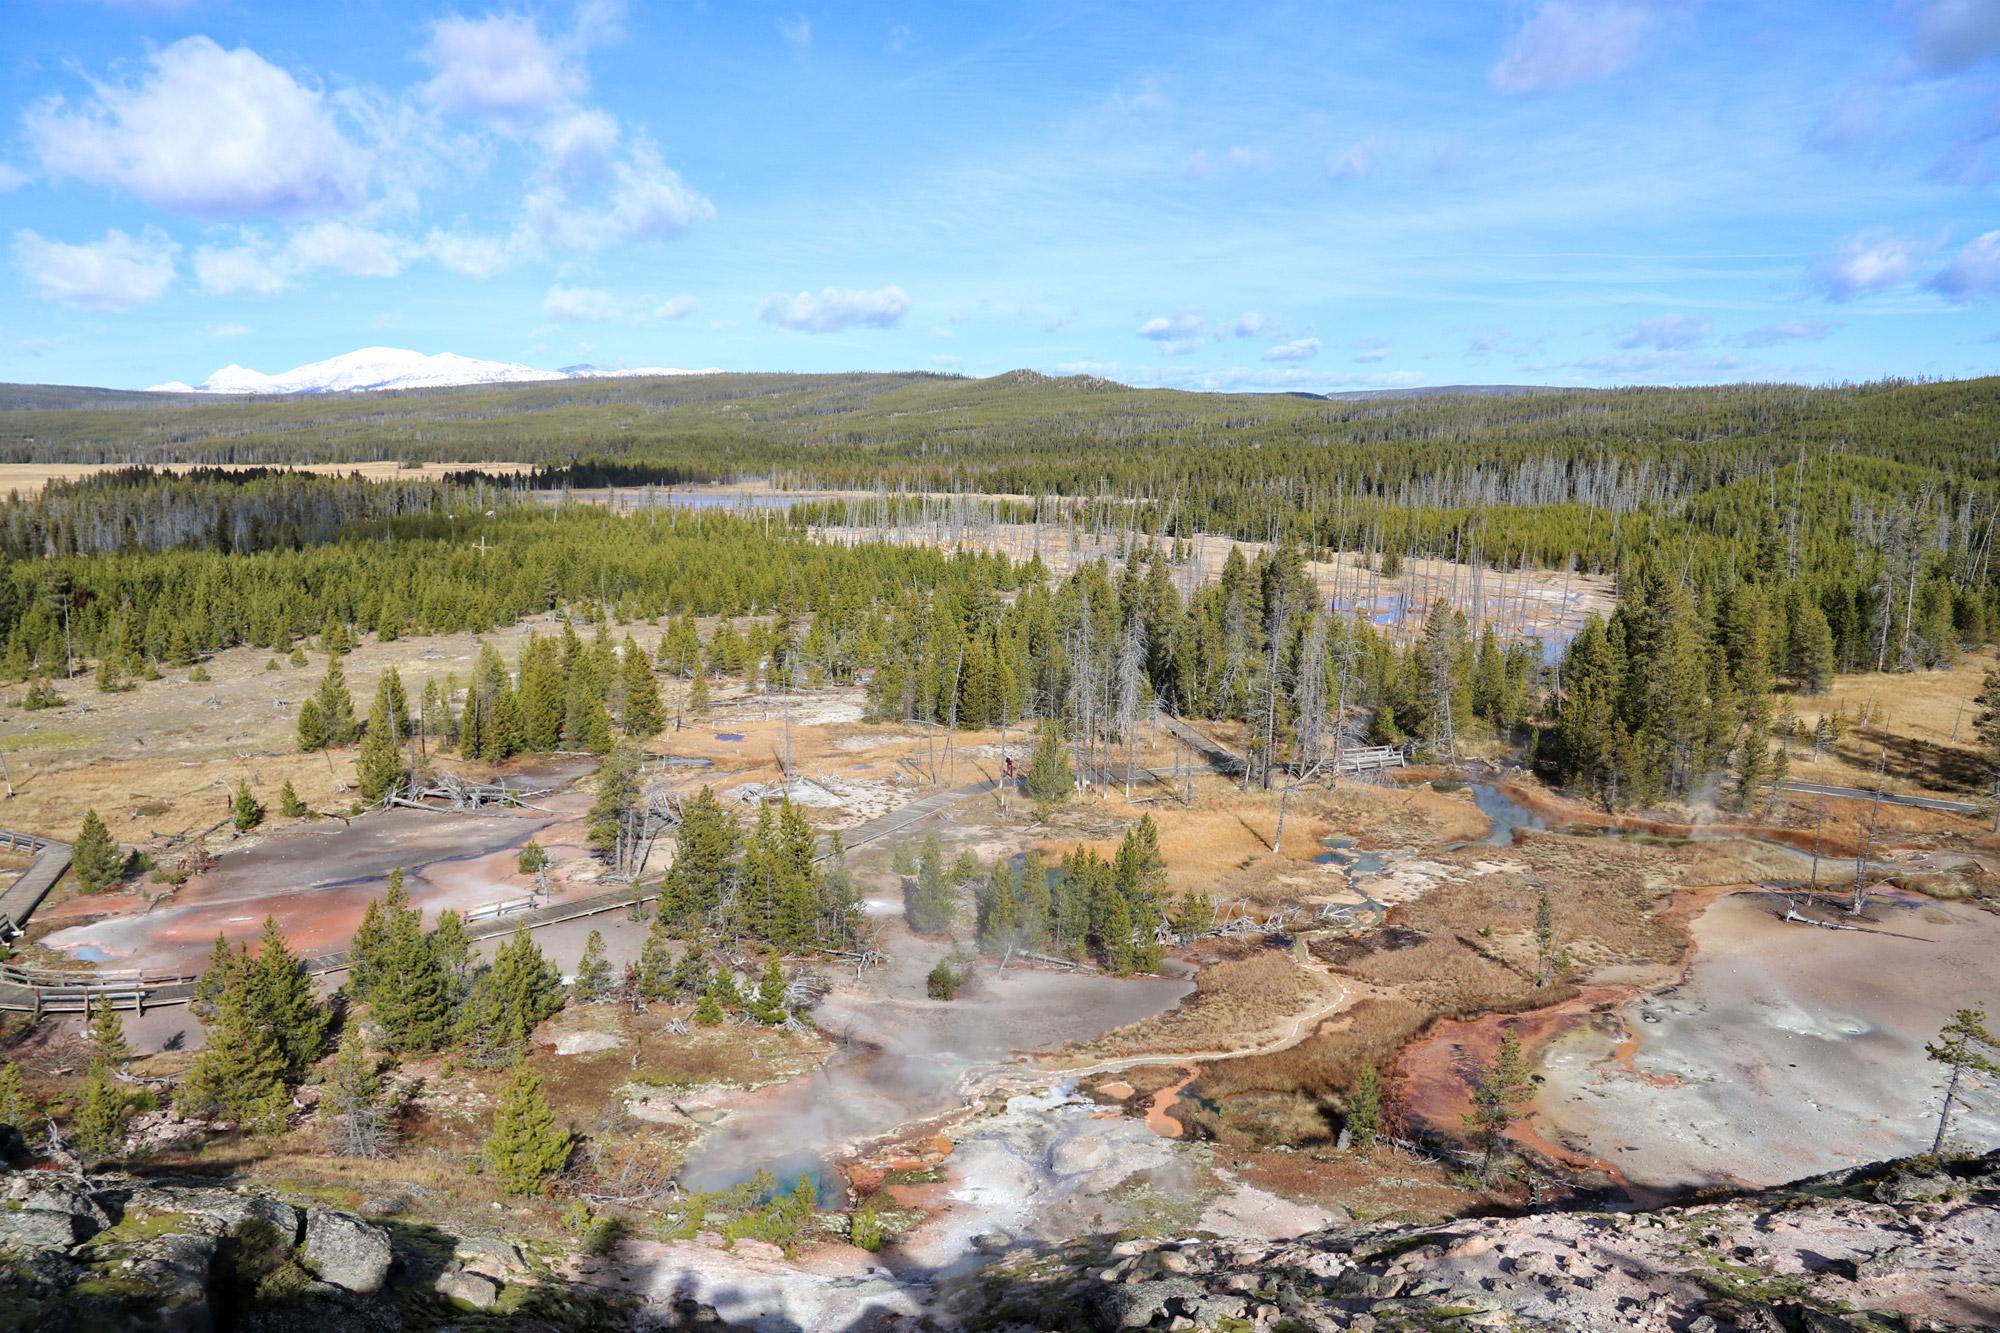 De hoogtepunten van Yellowstone National Park - Artists Paintpots